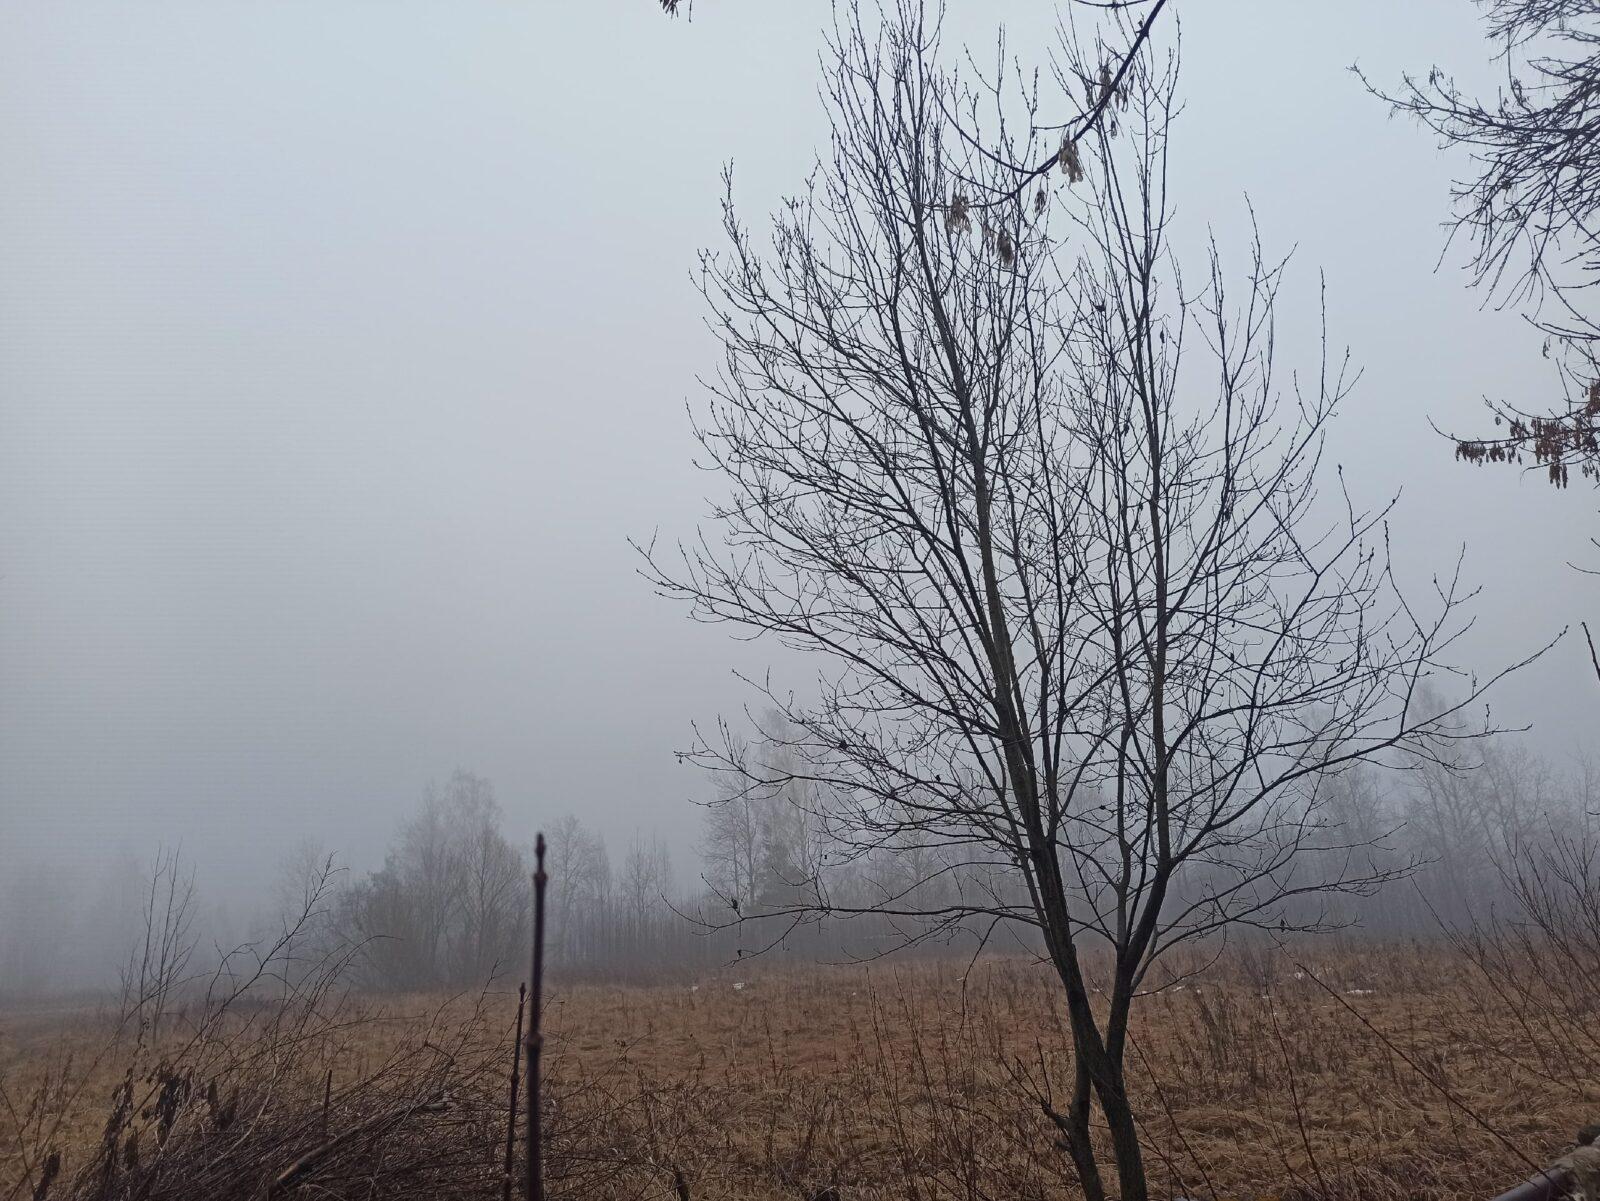 Жителей Тверской области предупреждают о густом тумане